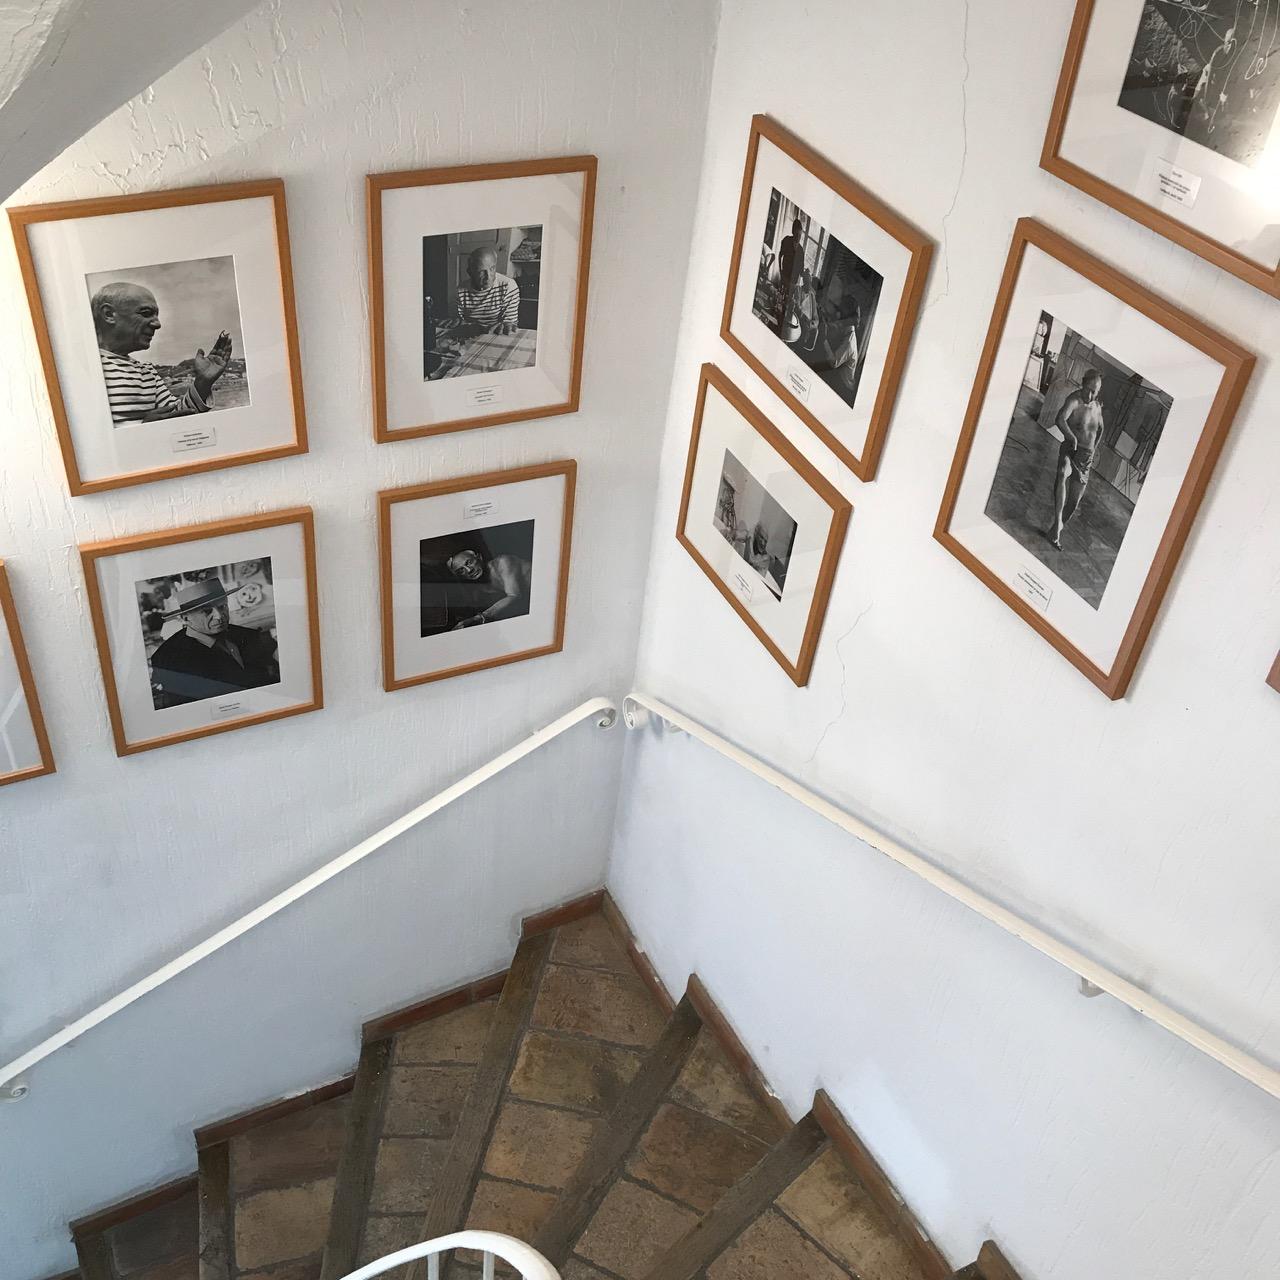 Museum Mougins: Treppe zum ersten Stock mit Fotos von Picasso